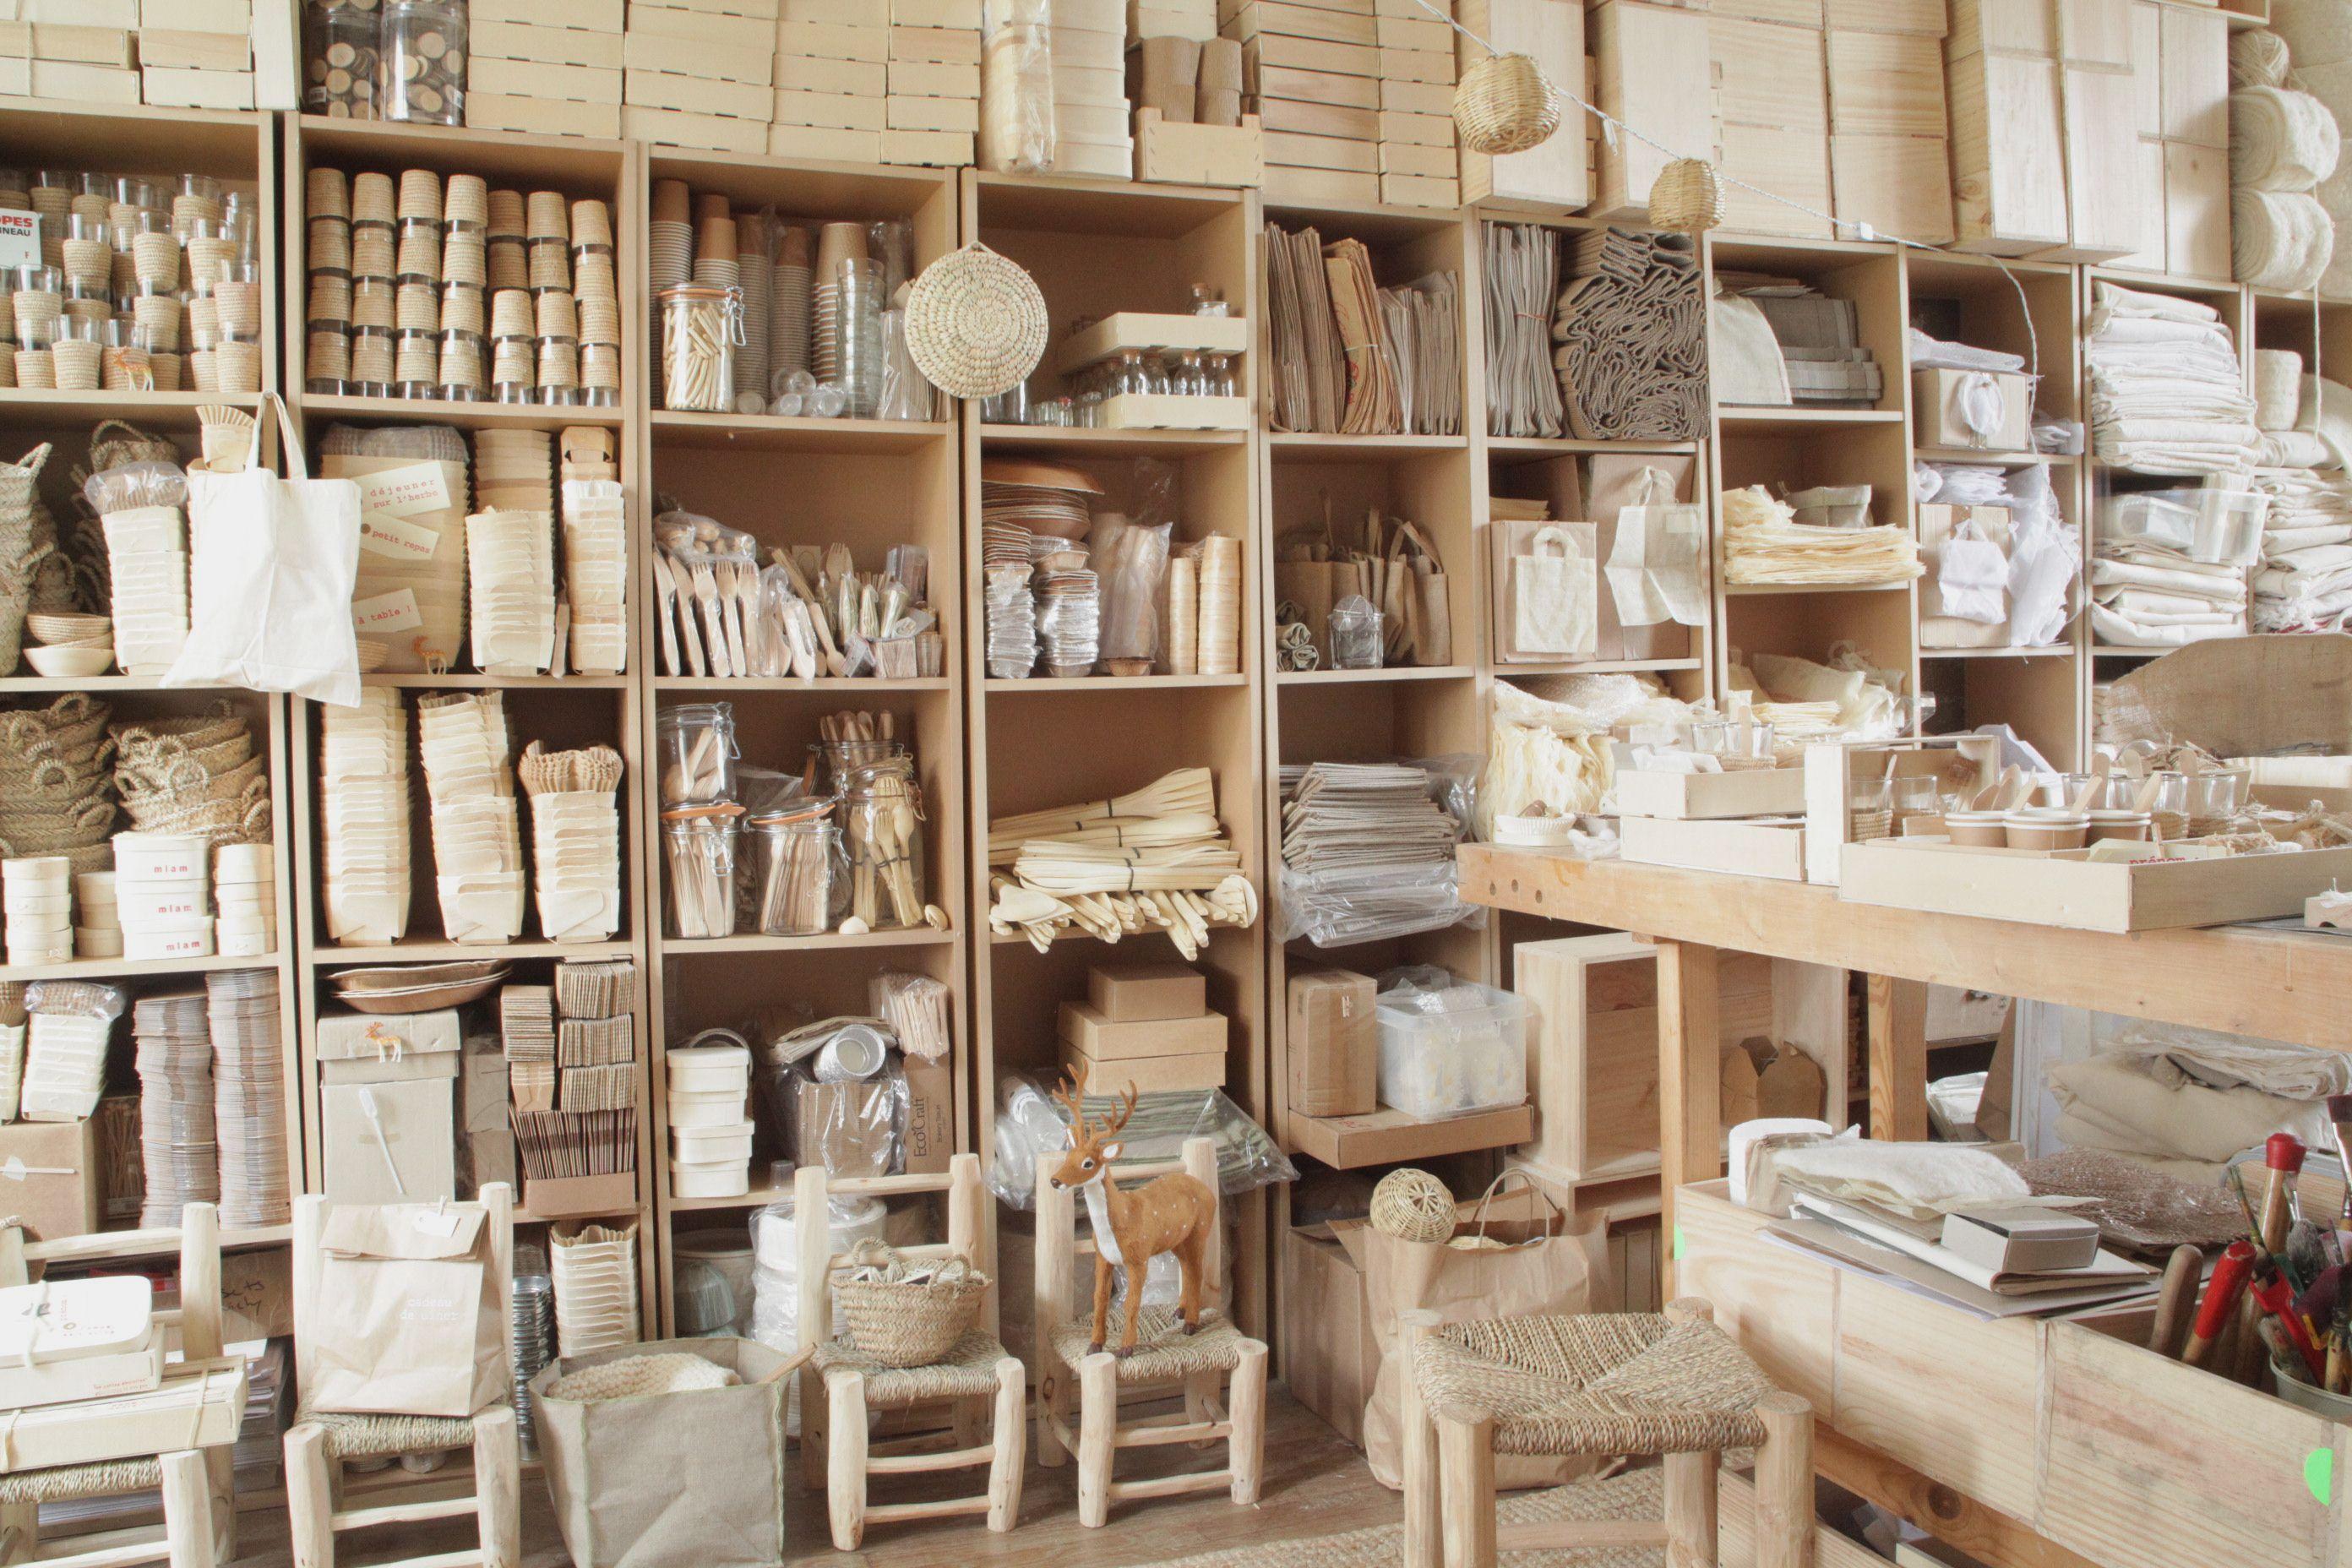 atelier boutique les petites emplettes ouvert le jeudi de 14h 19h le ch teau 16410 dirac lpe. Black Bedroom Furniture Sets. Home Design Ideas